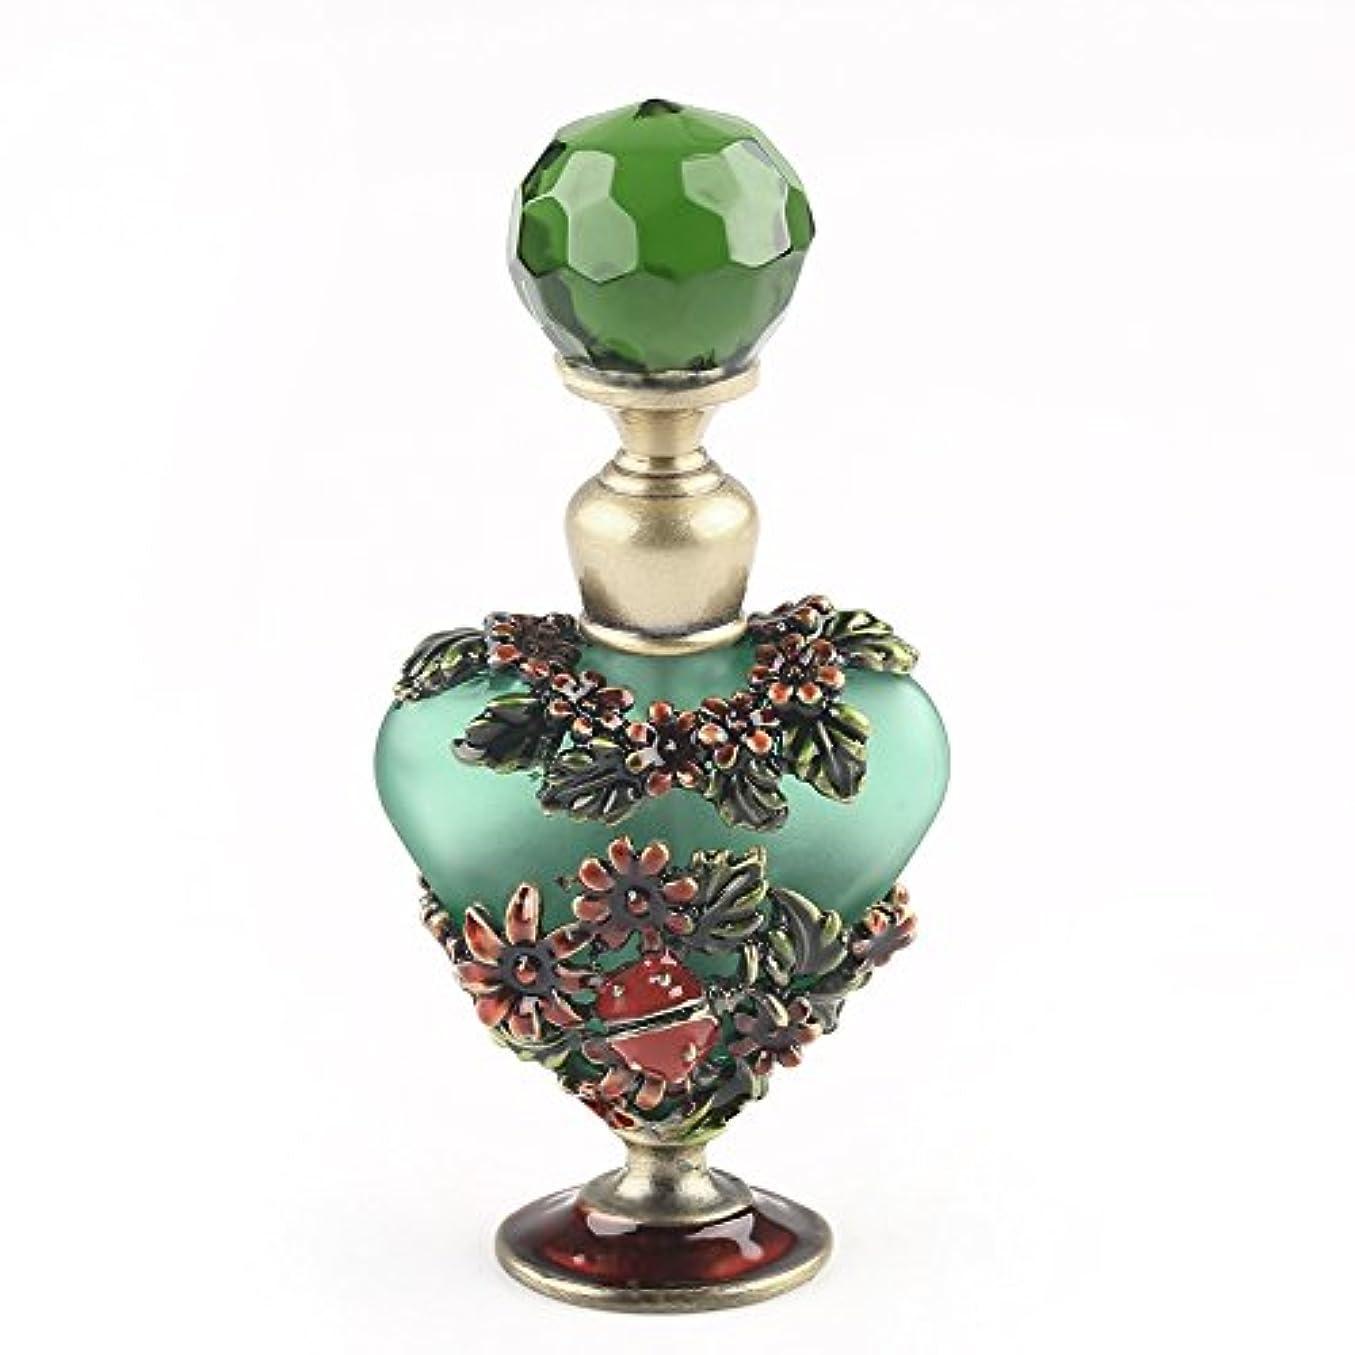 機構ロータリー激怒VERY100 高品質 美しい香水瓶/アロマボトル 5ML アロマオイル用瓶 綺麗アンティーク調 フラワーデザイン プレゼント 結婚式 飾り 70292